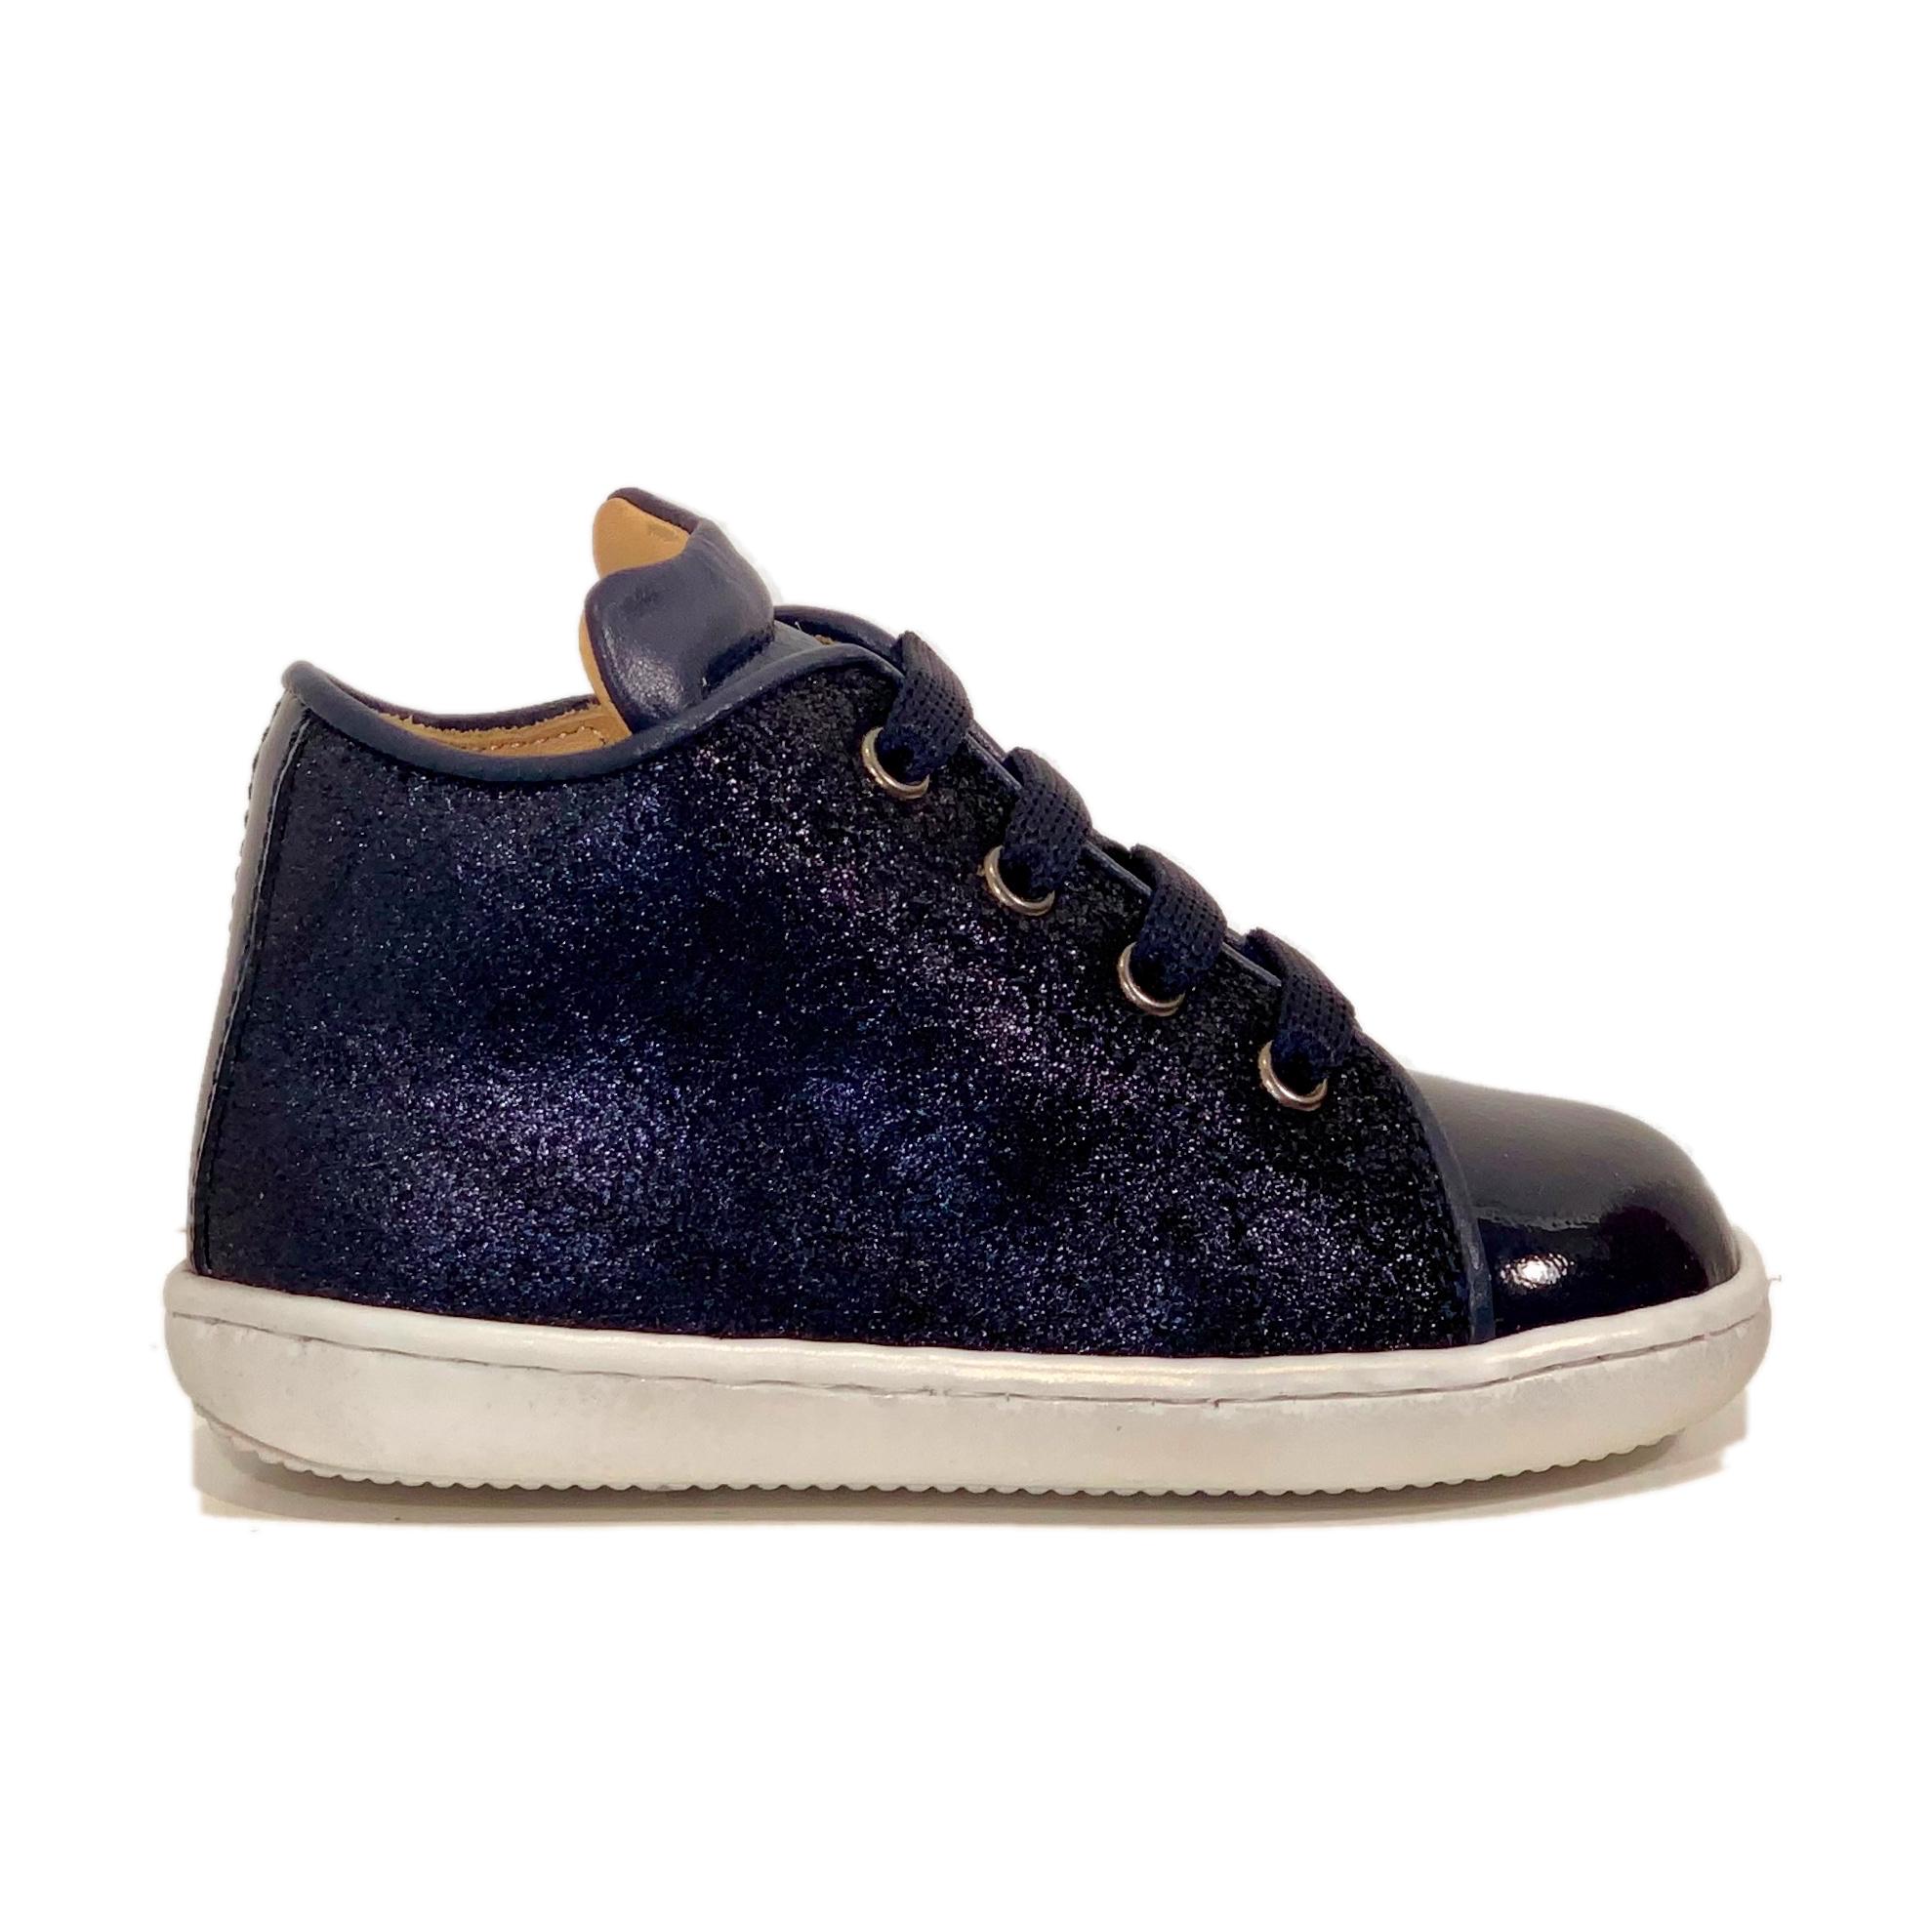 Zecchino d'oro N12-1357 blue